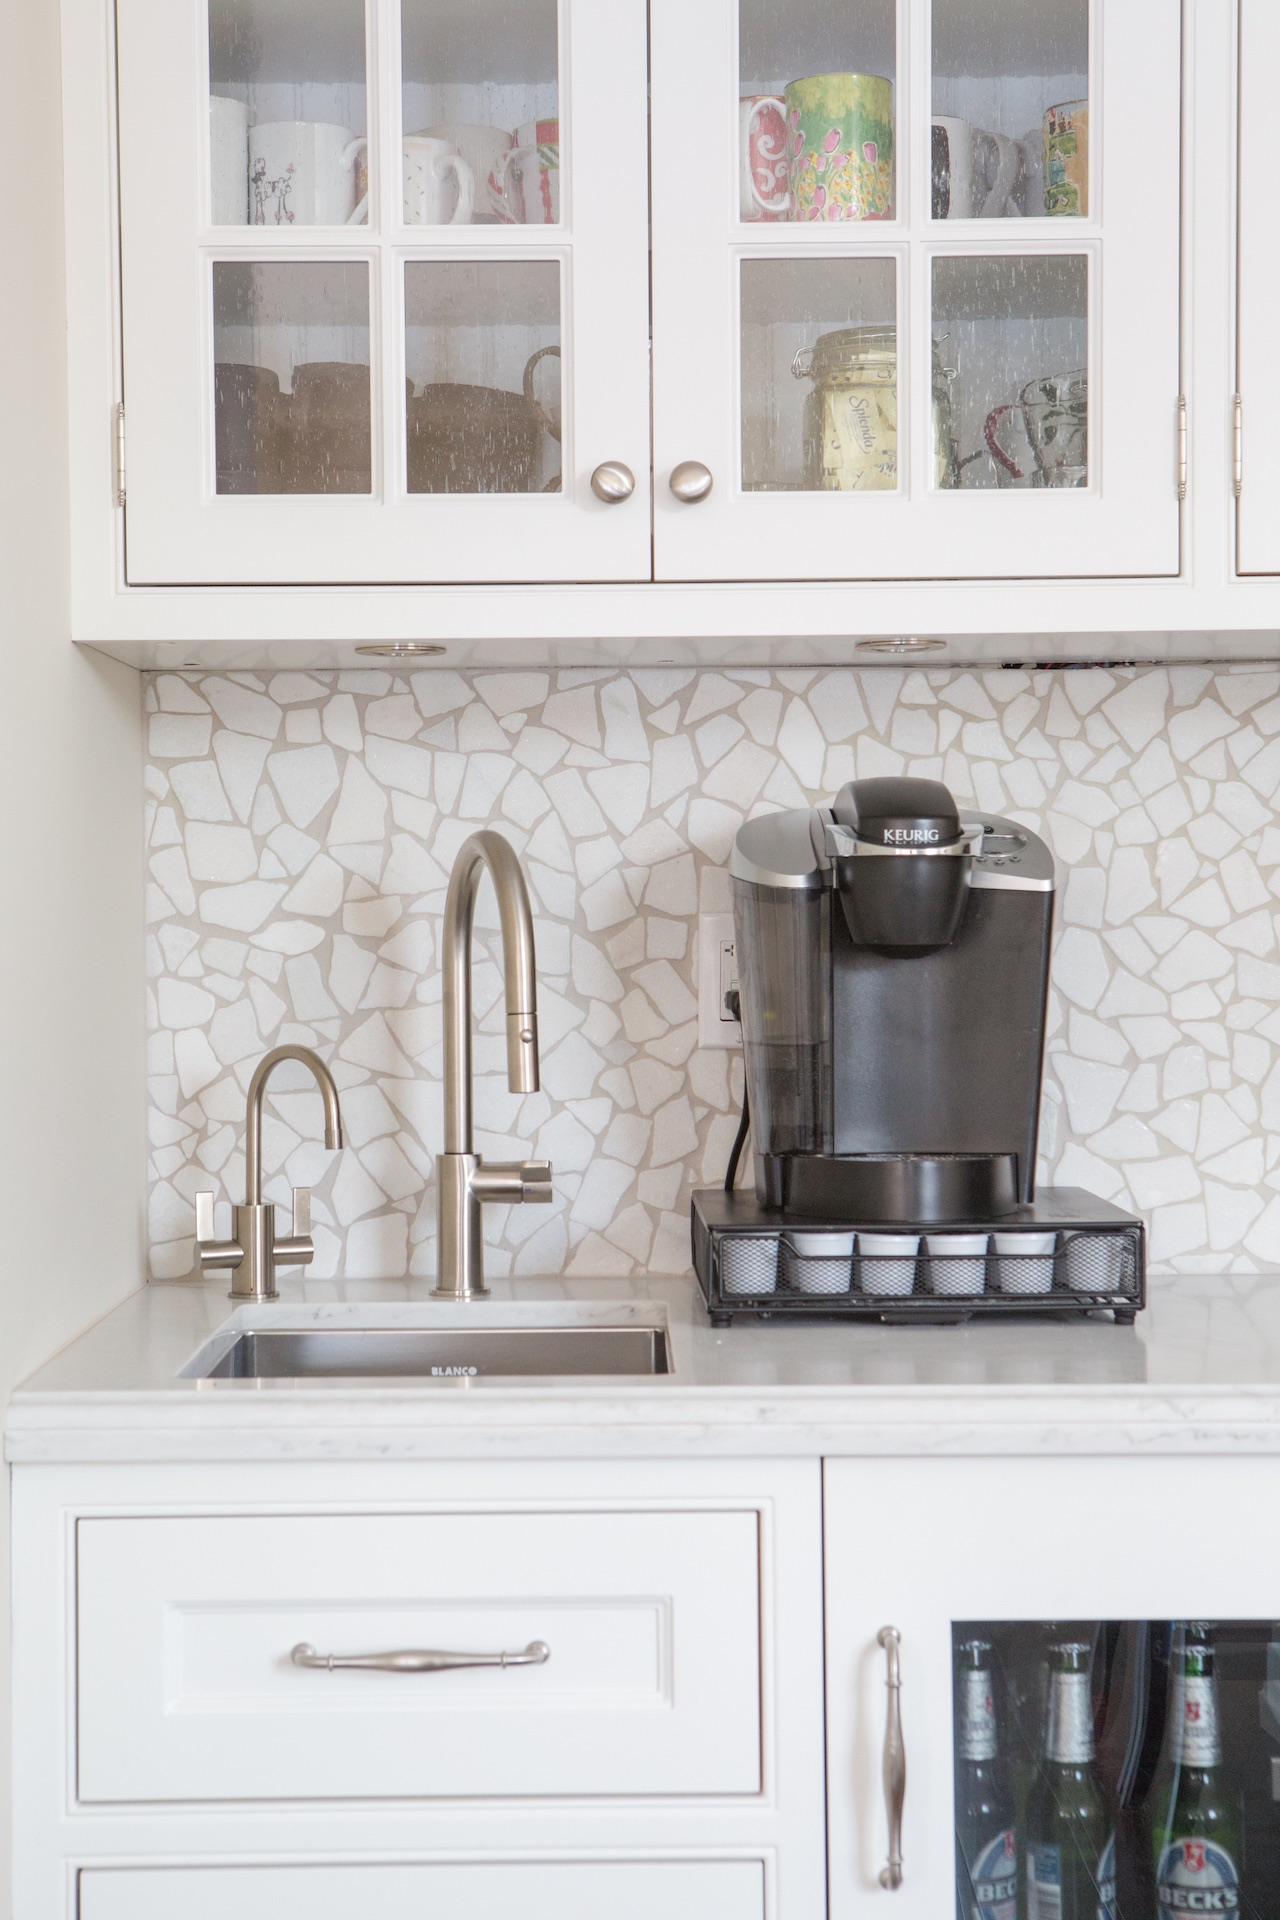 white cabinets with espresso machine